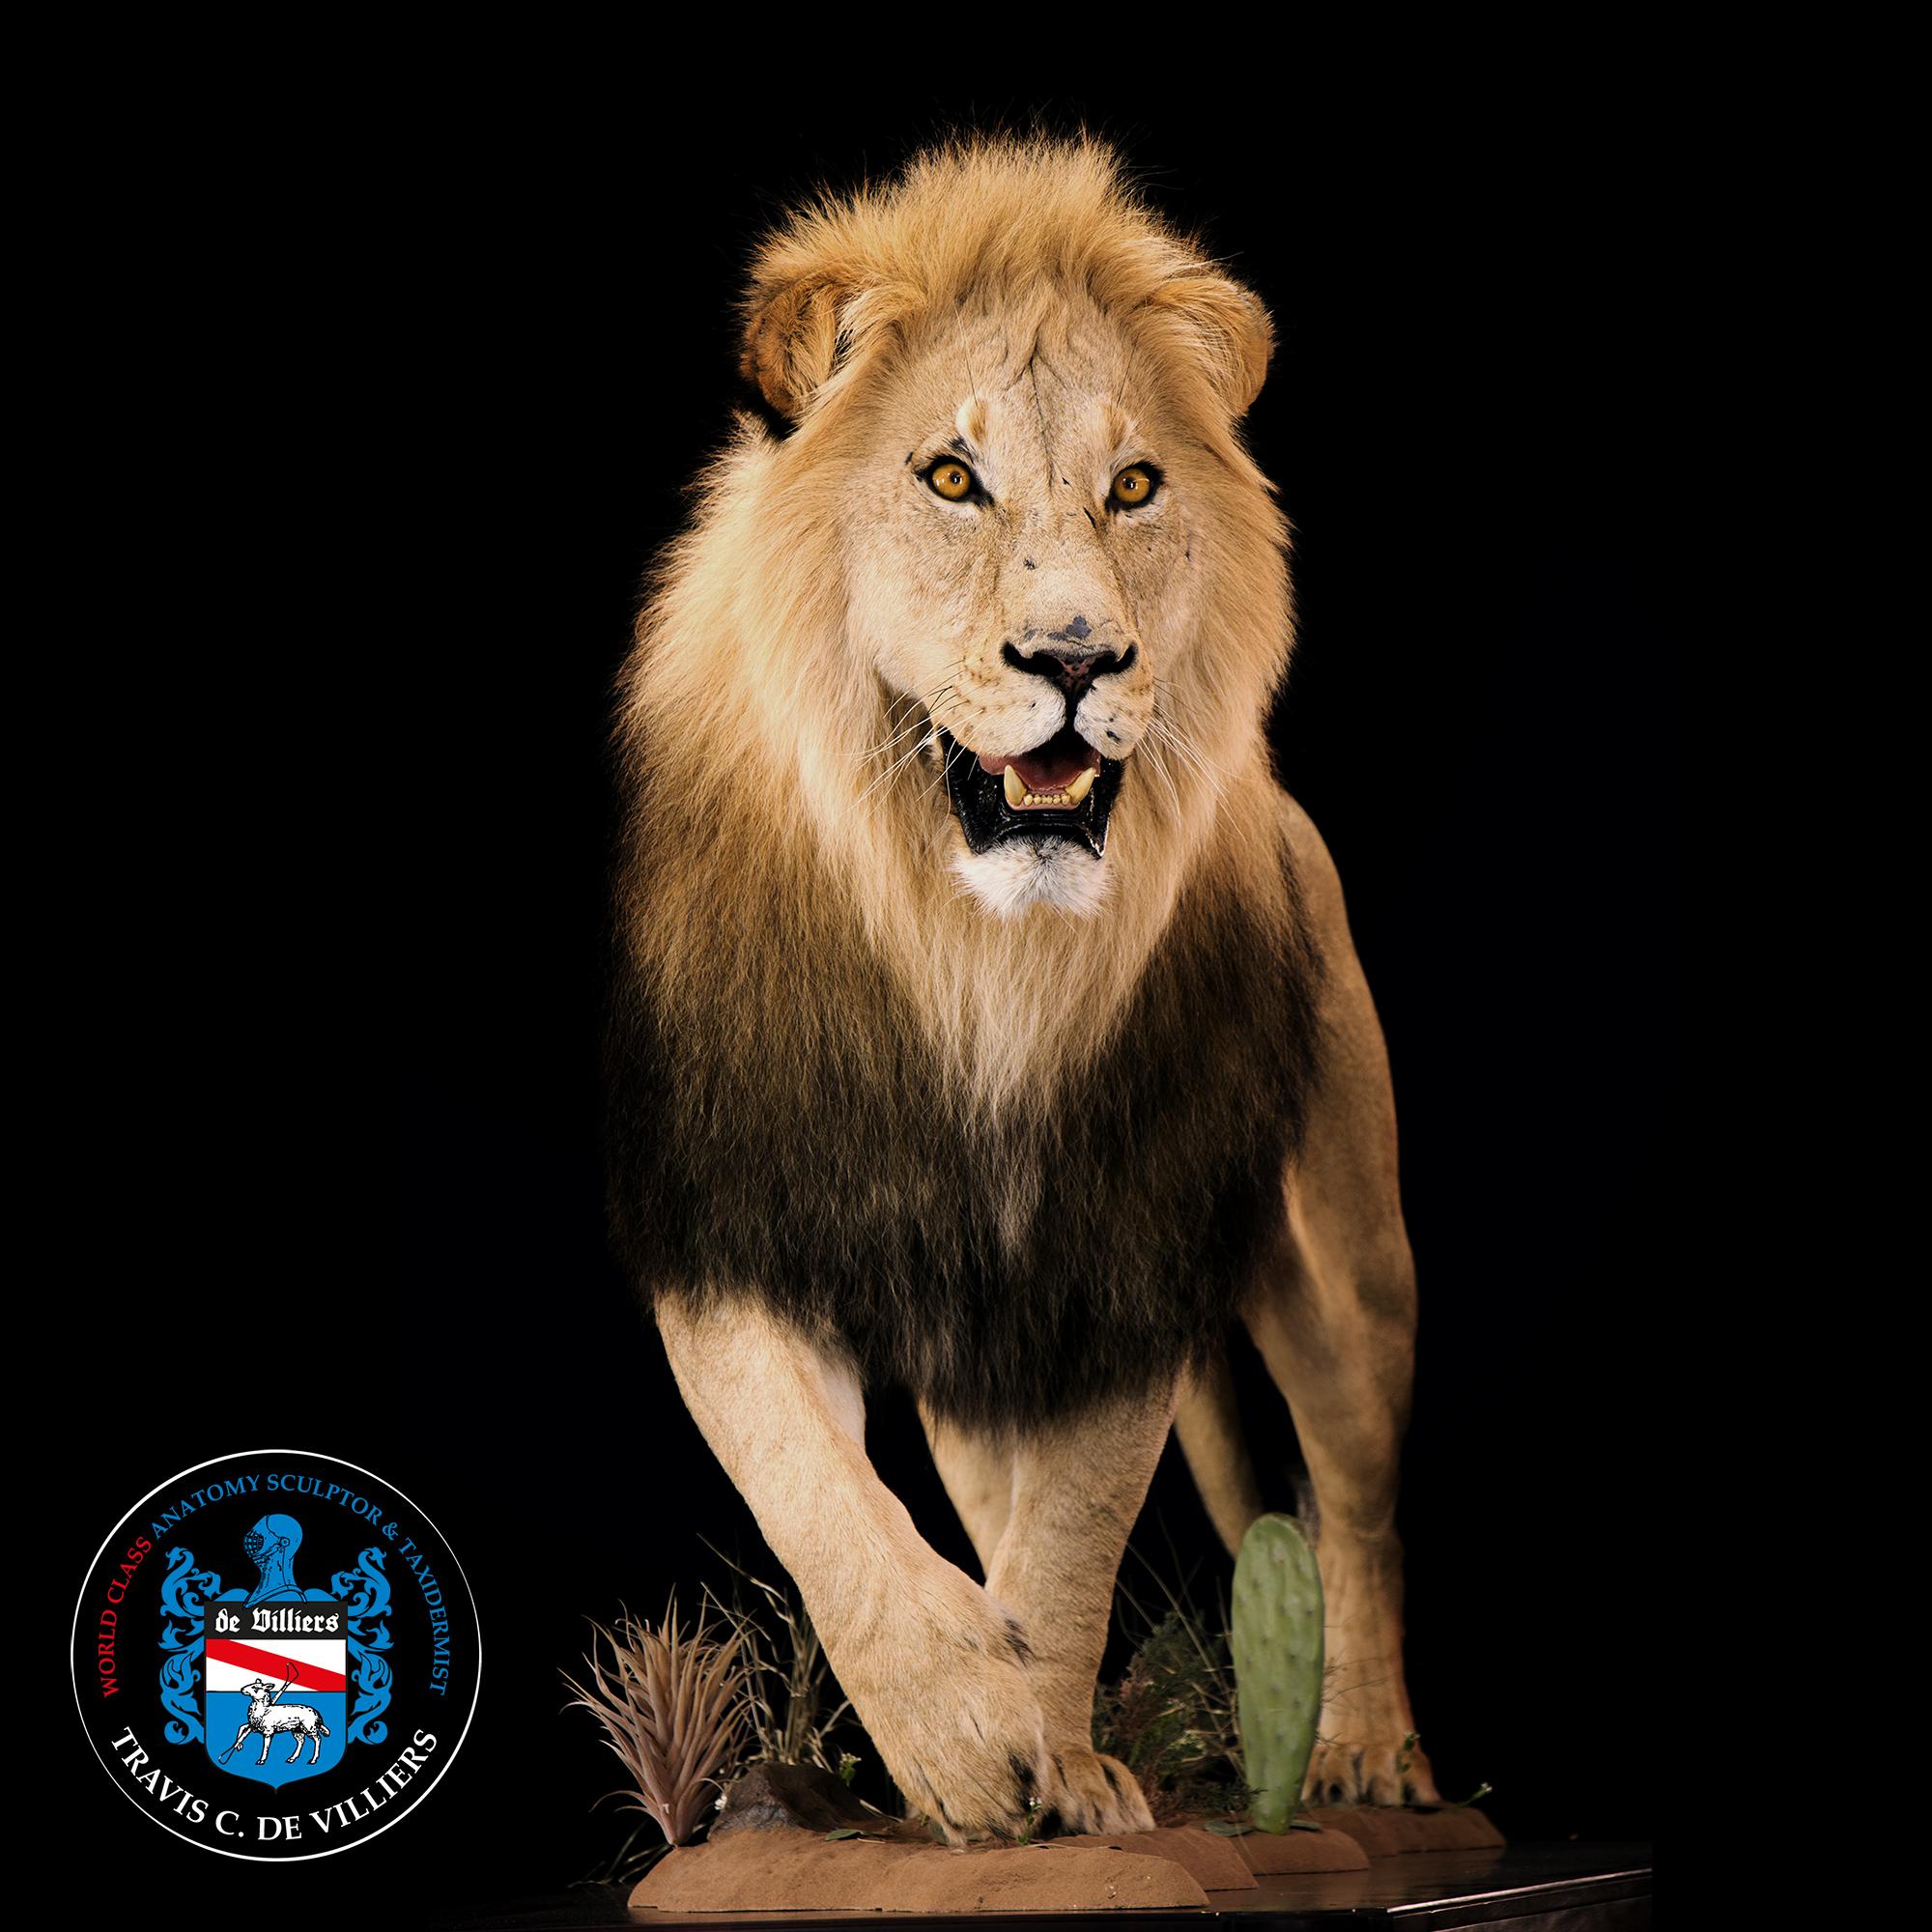 Male Lion - Panthera leo